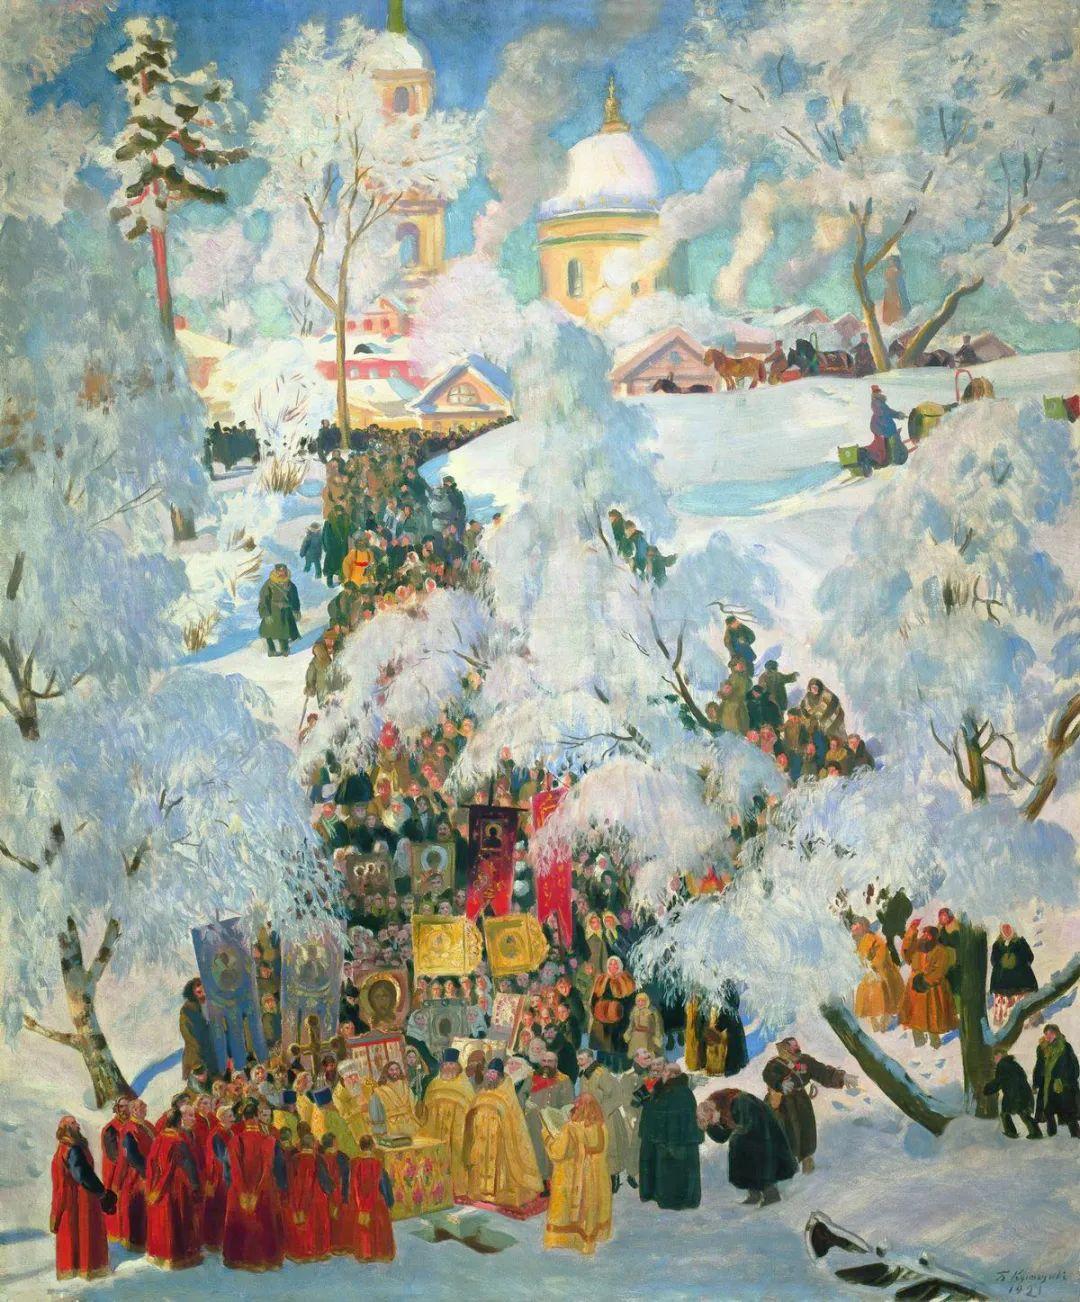 明快鲜亮的色彩,描绘俄罗斯乡村日常生活!插图113